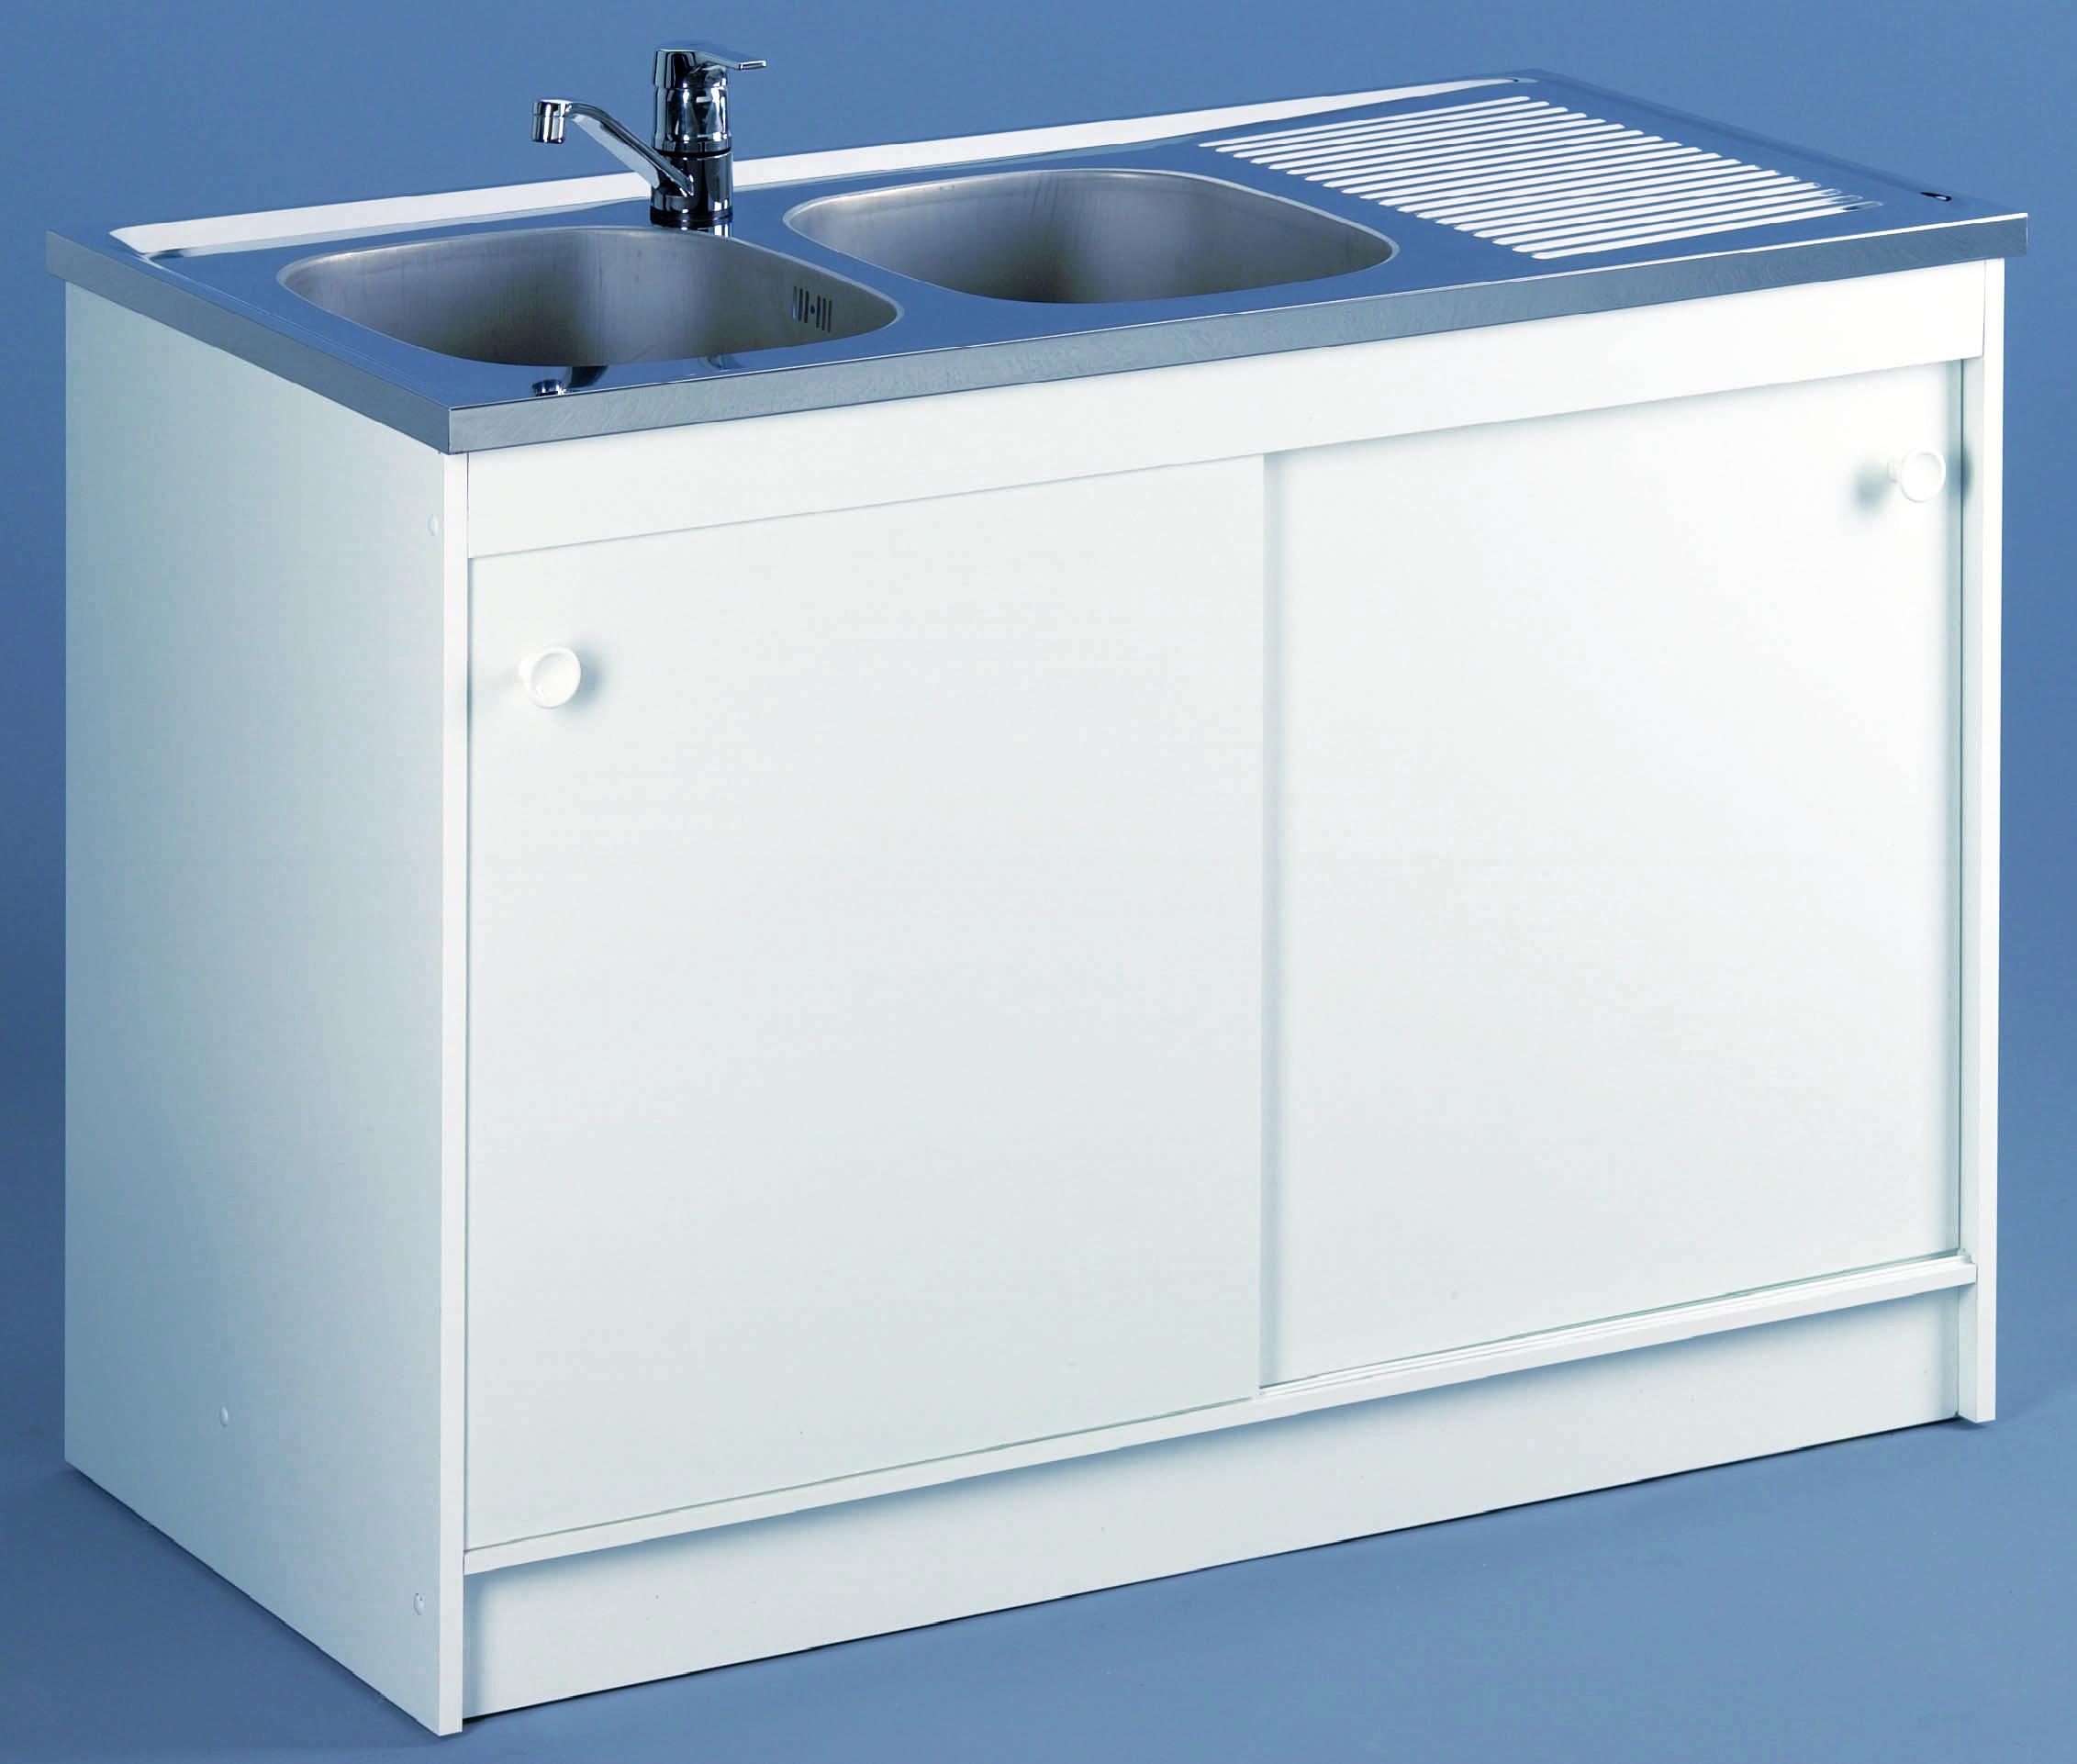 meuble de cuisine sous vier galea hydro aquarine pro. Black Bedroom Furniture Sets. Home Design Ideas